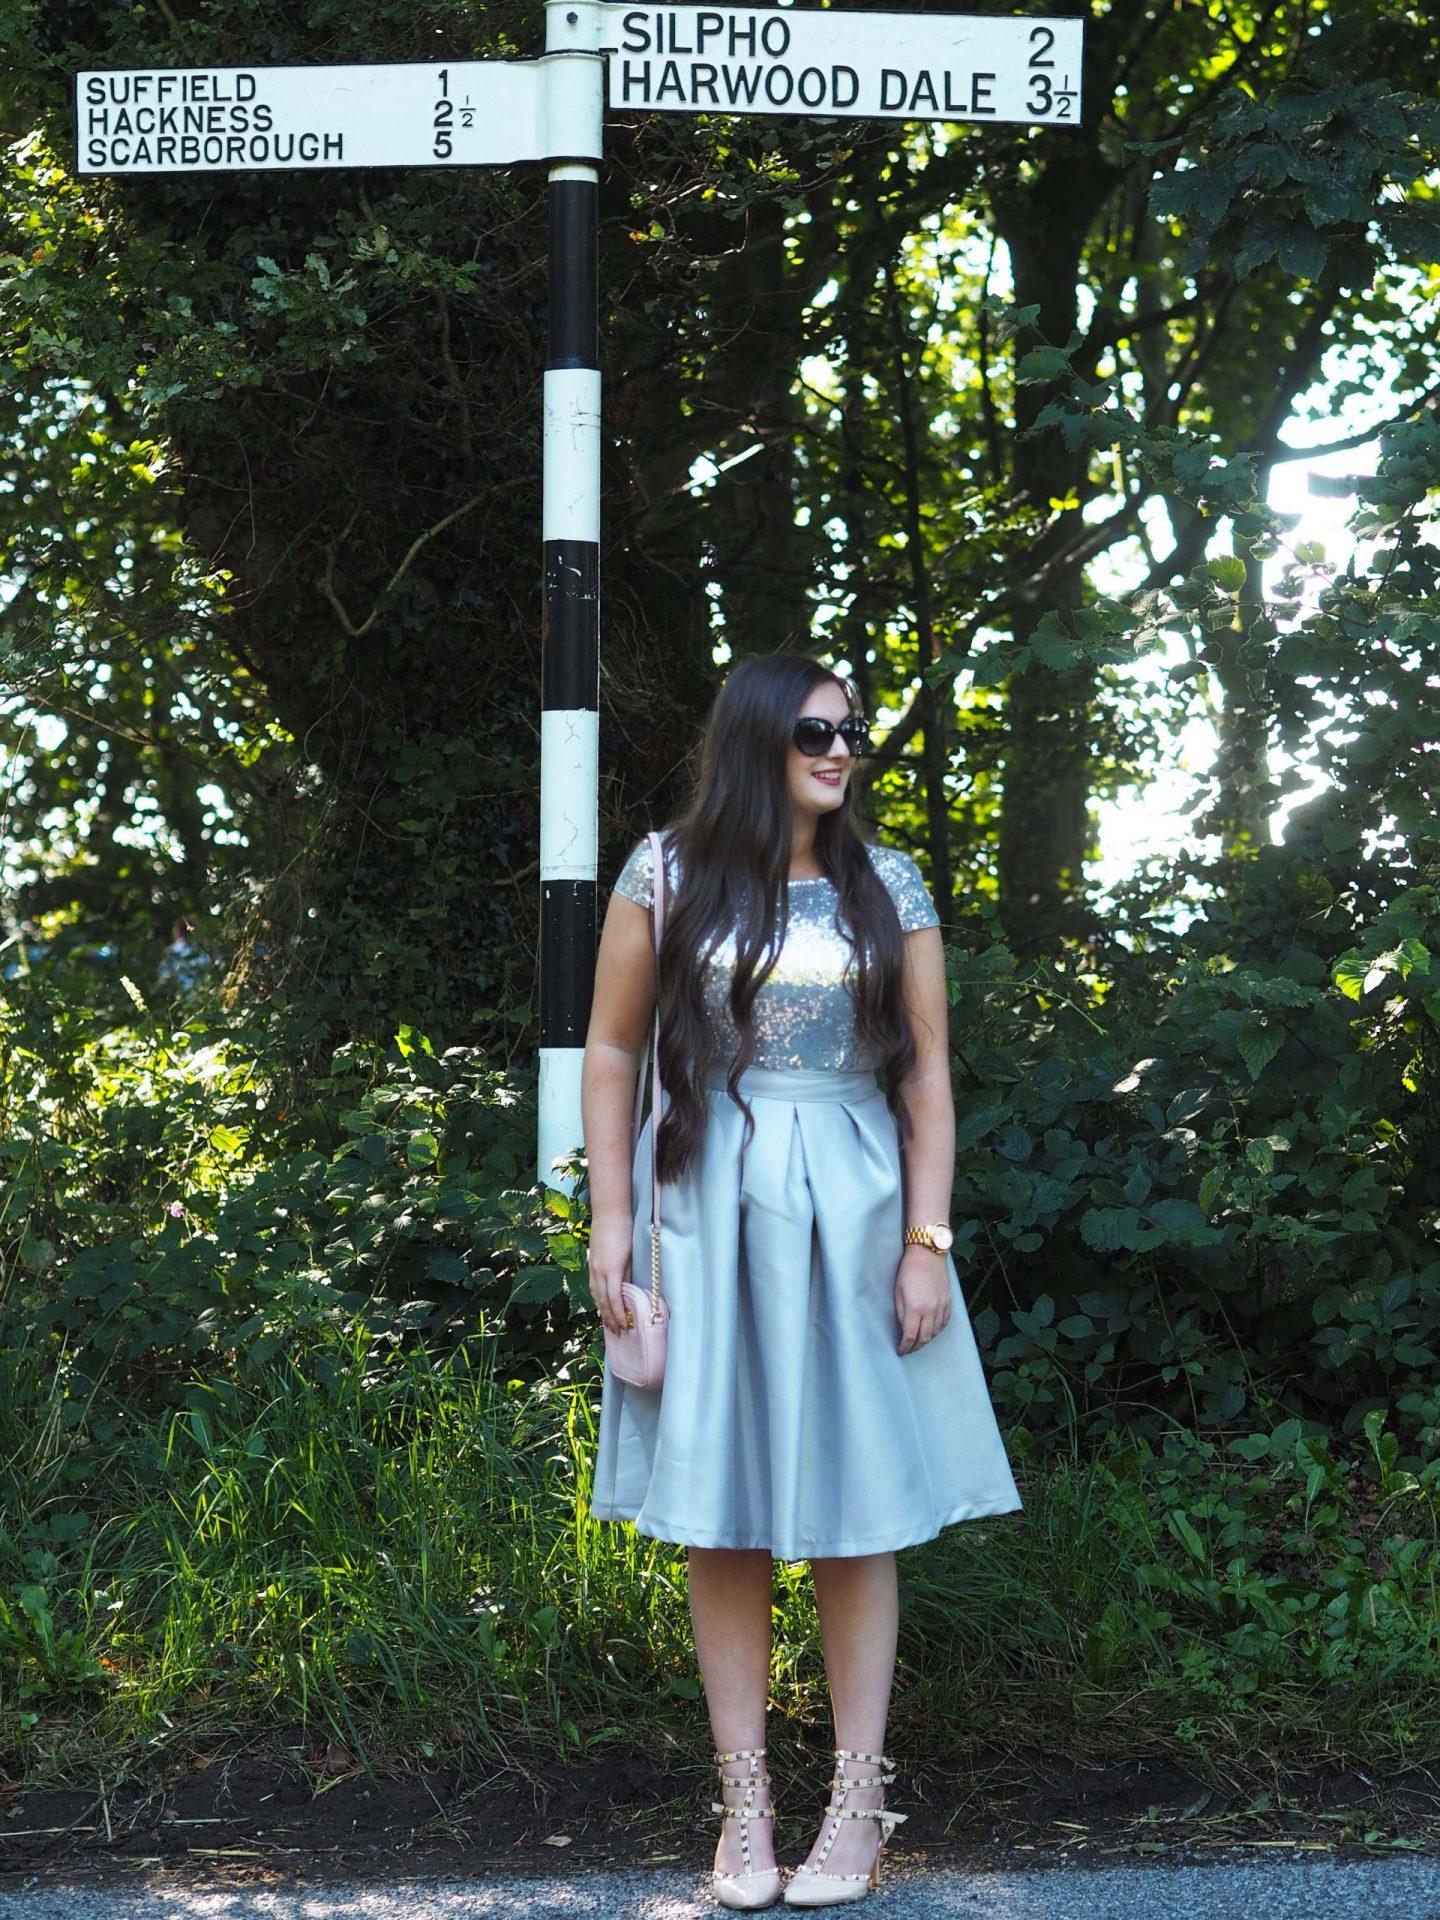 quiz-clothing-festive-sparkle-dress-rachel-nicole-uk-fashion-blogger-2